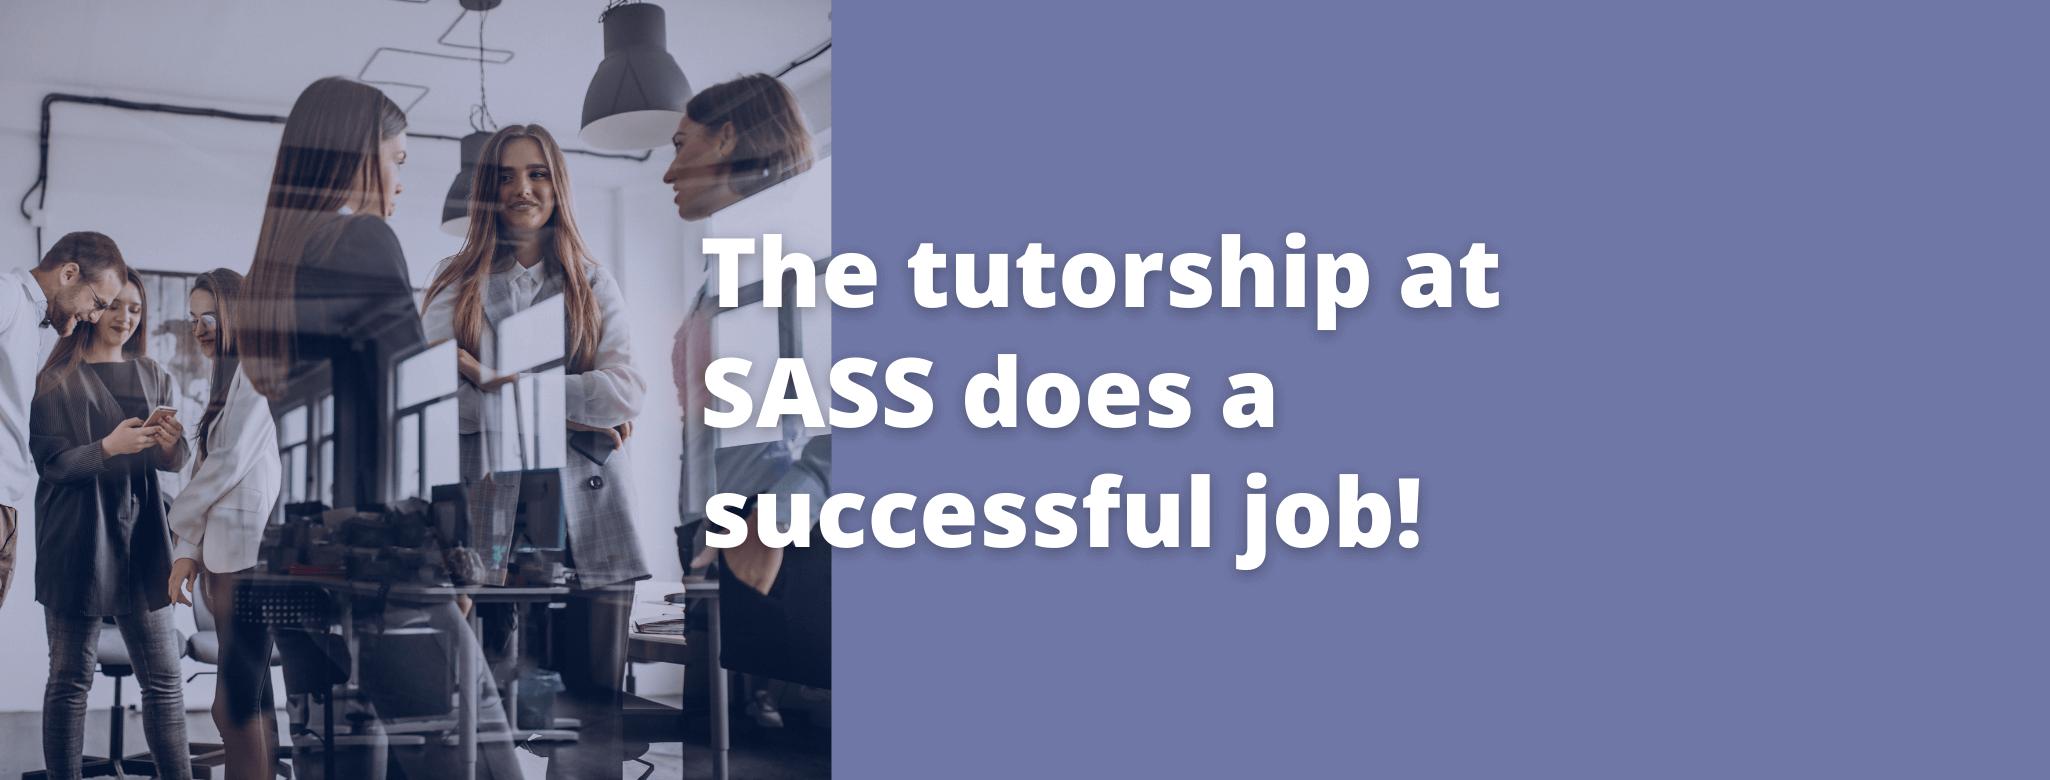 The tutorship at SASS does a successful job!